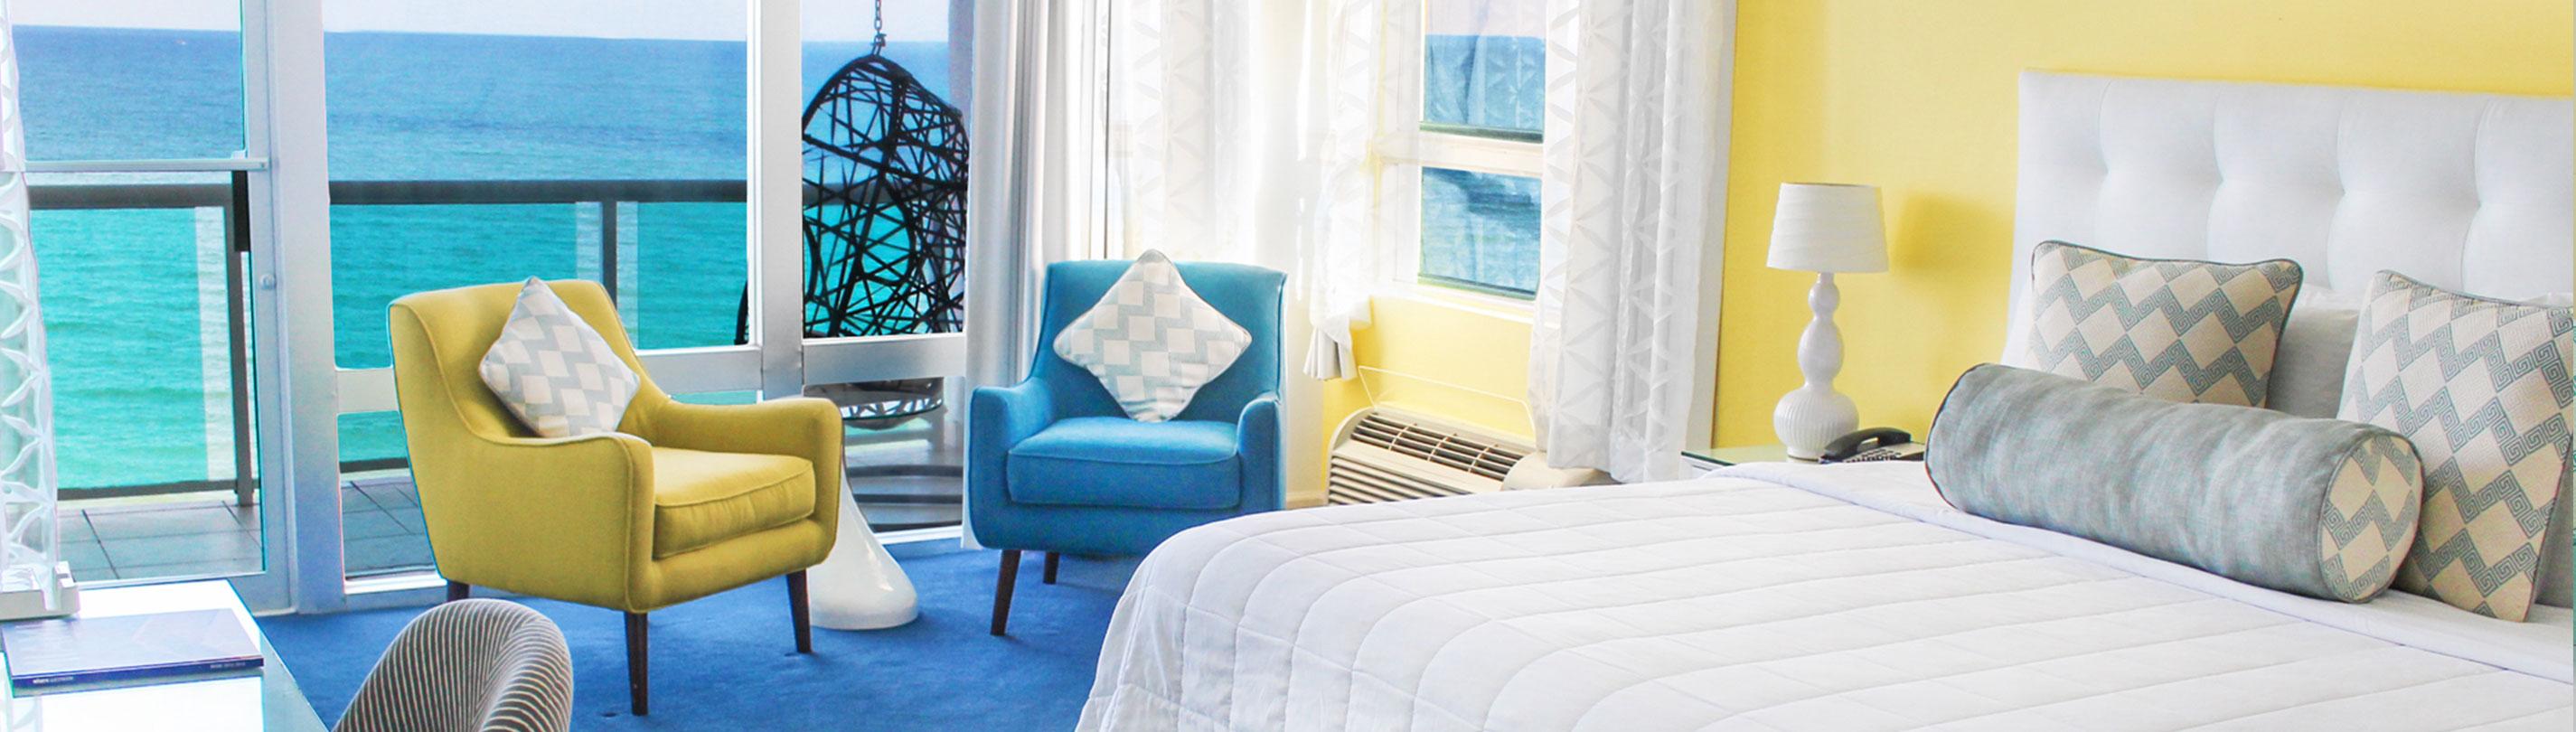 Deluxe oceanfront room deauville beach resort miami